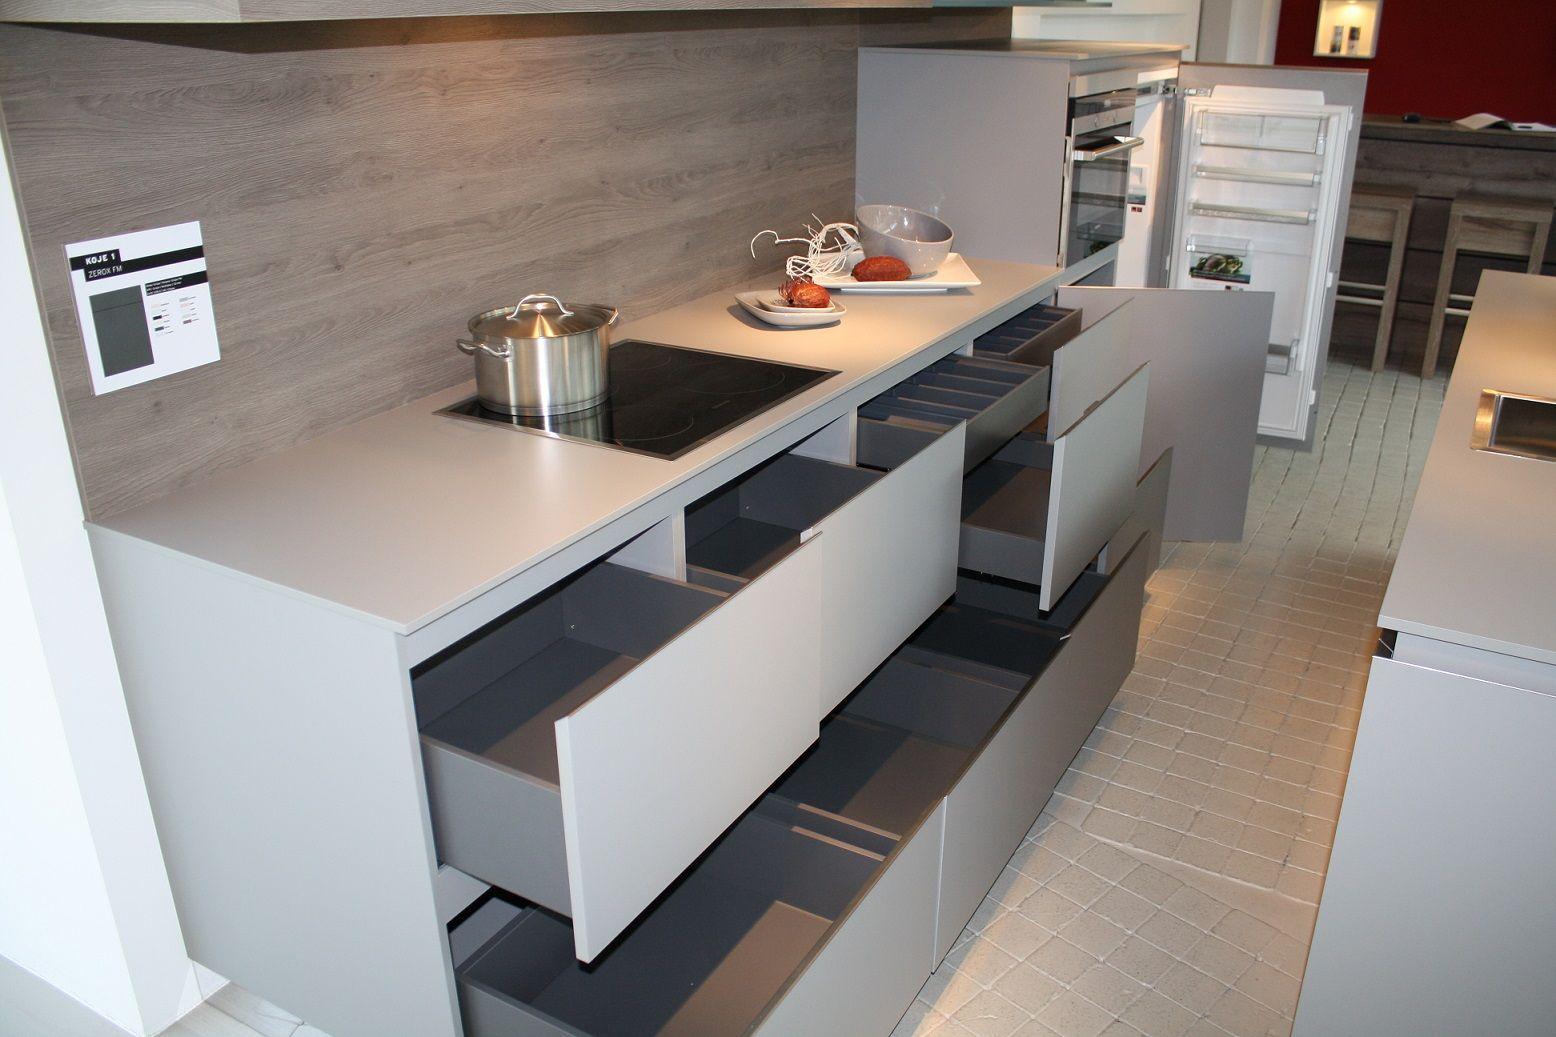 Moderne Keuken Met Eiland : moderne eiland keuken 1 5 51019 een rustige matte eiland keuken met